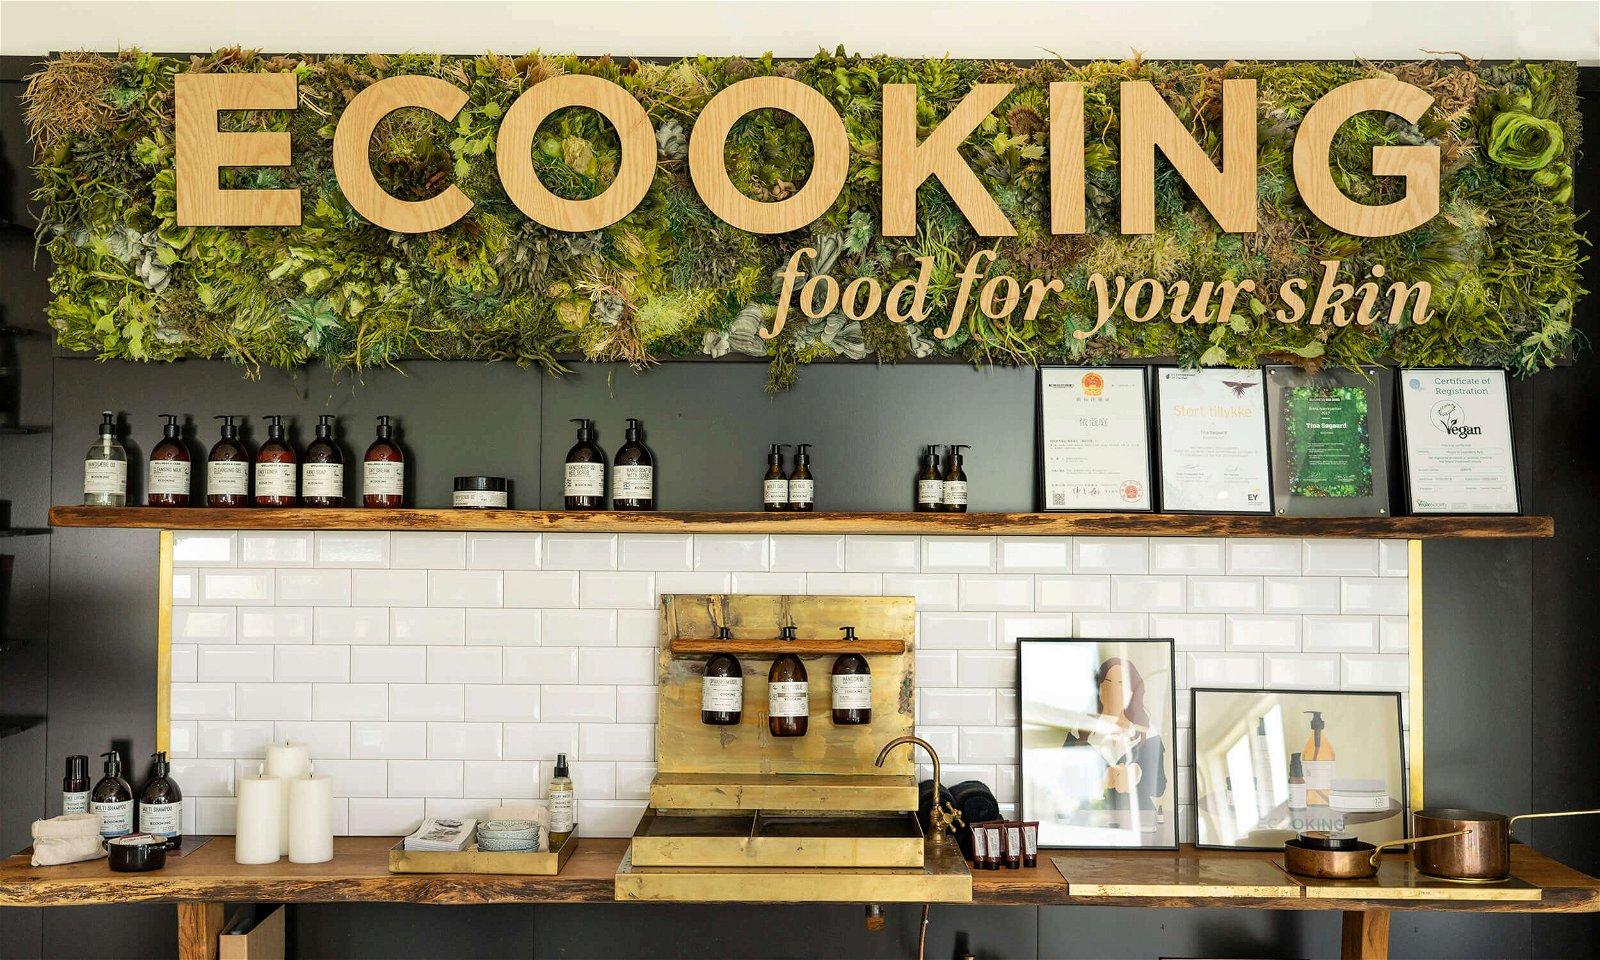 Ecooking display med diverse produkter